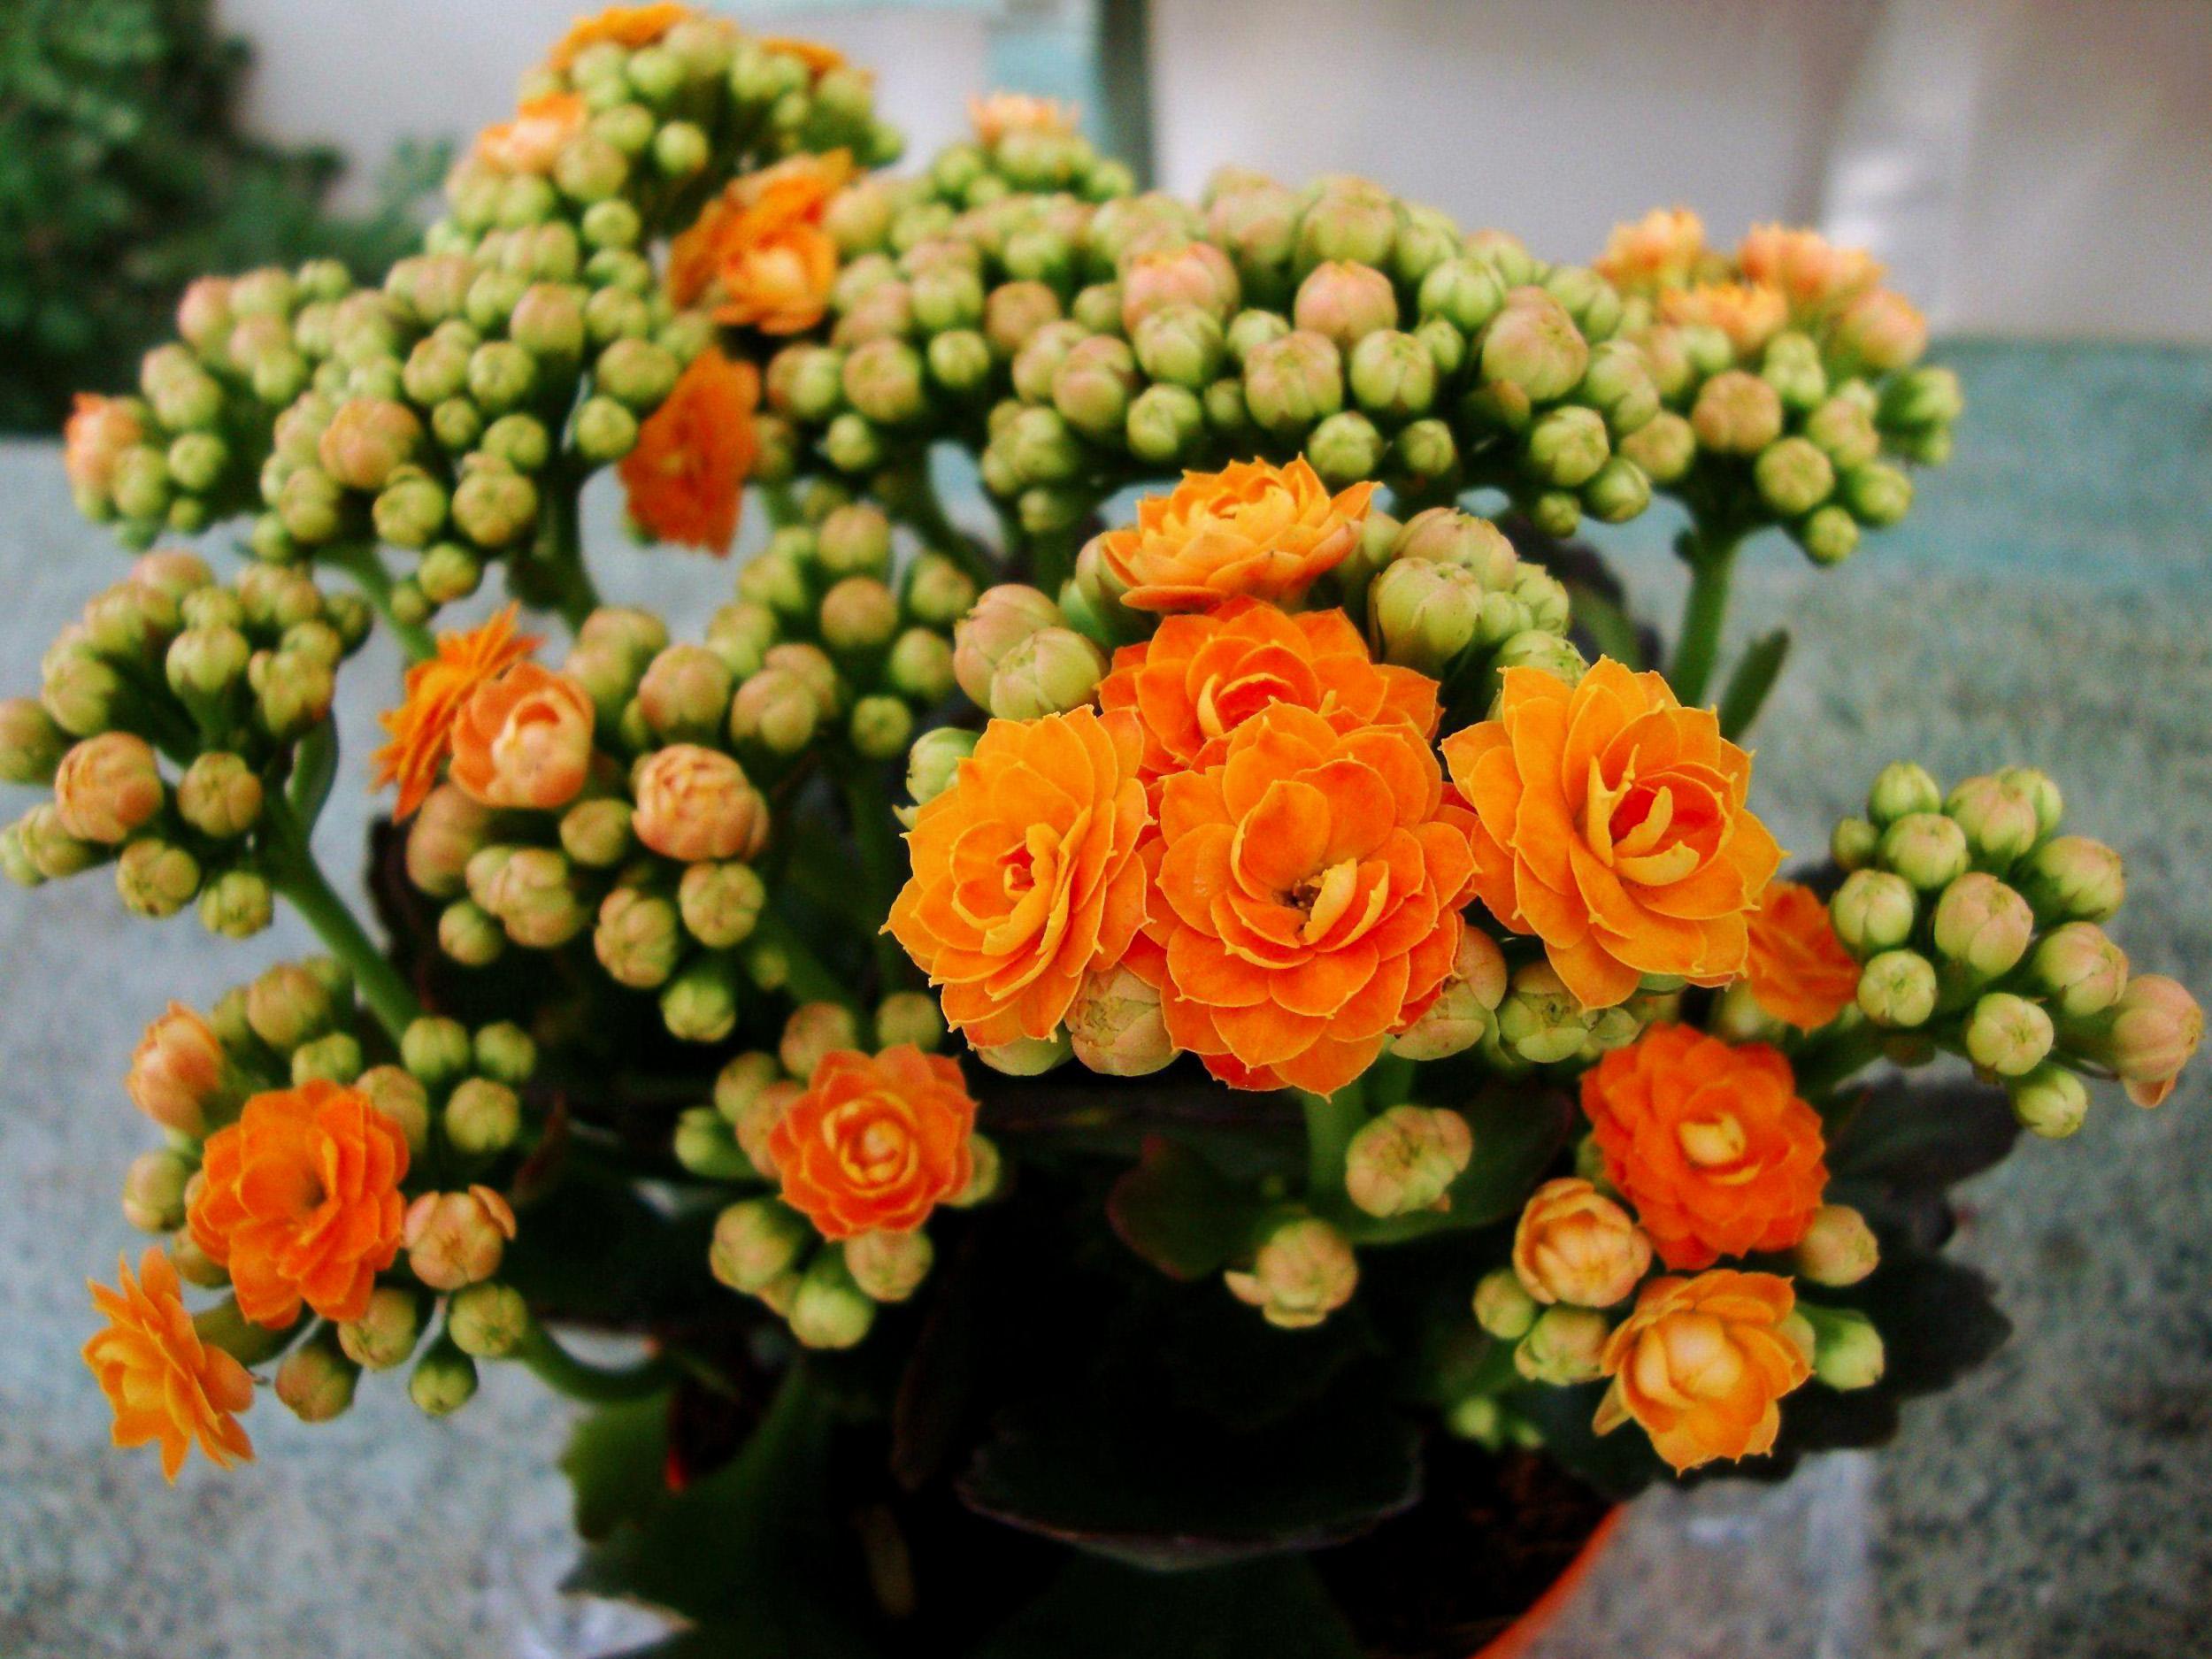 Kalankė žydinti oranžiniais žiedais